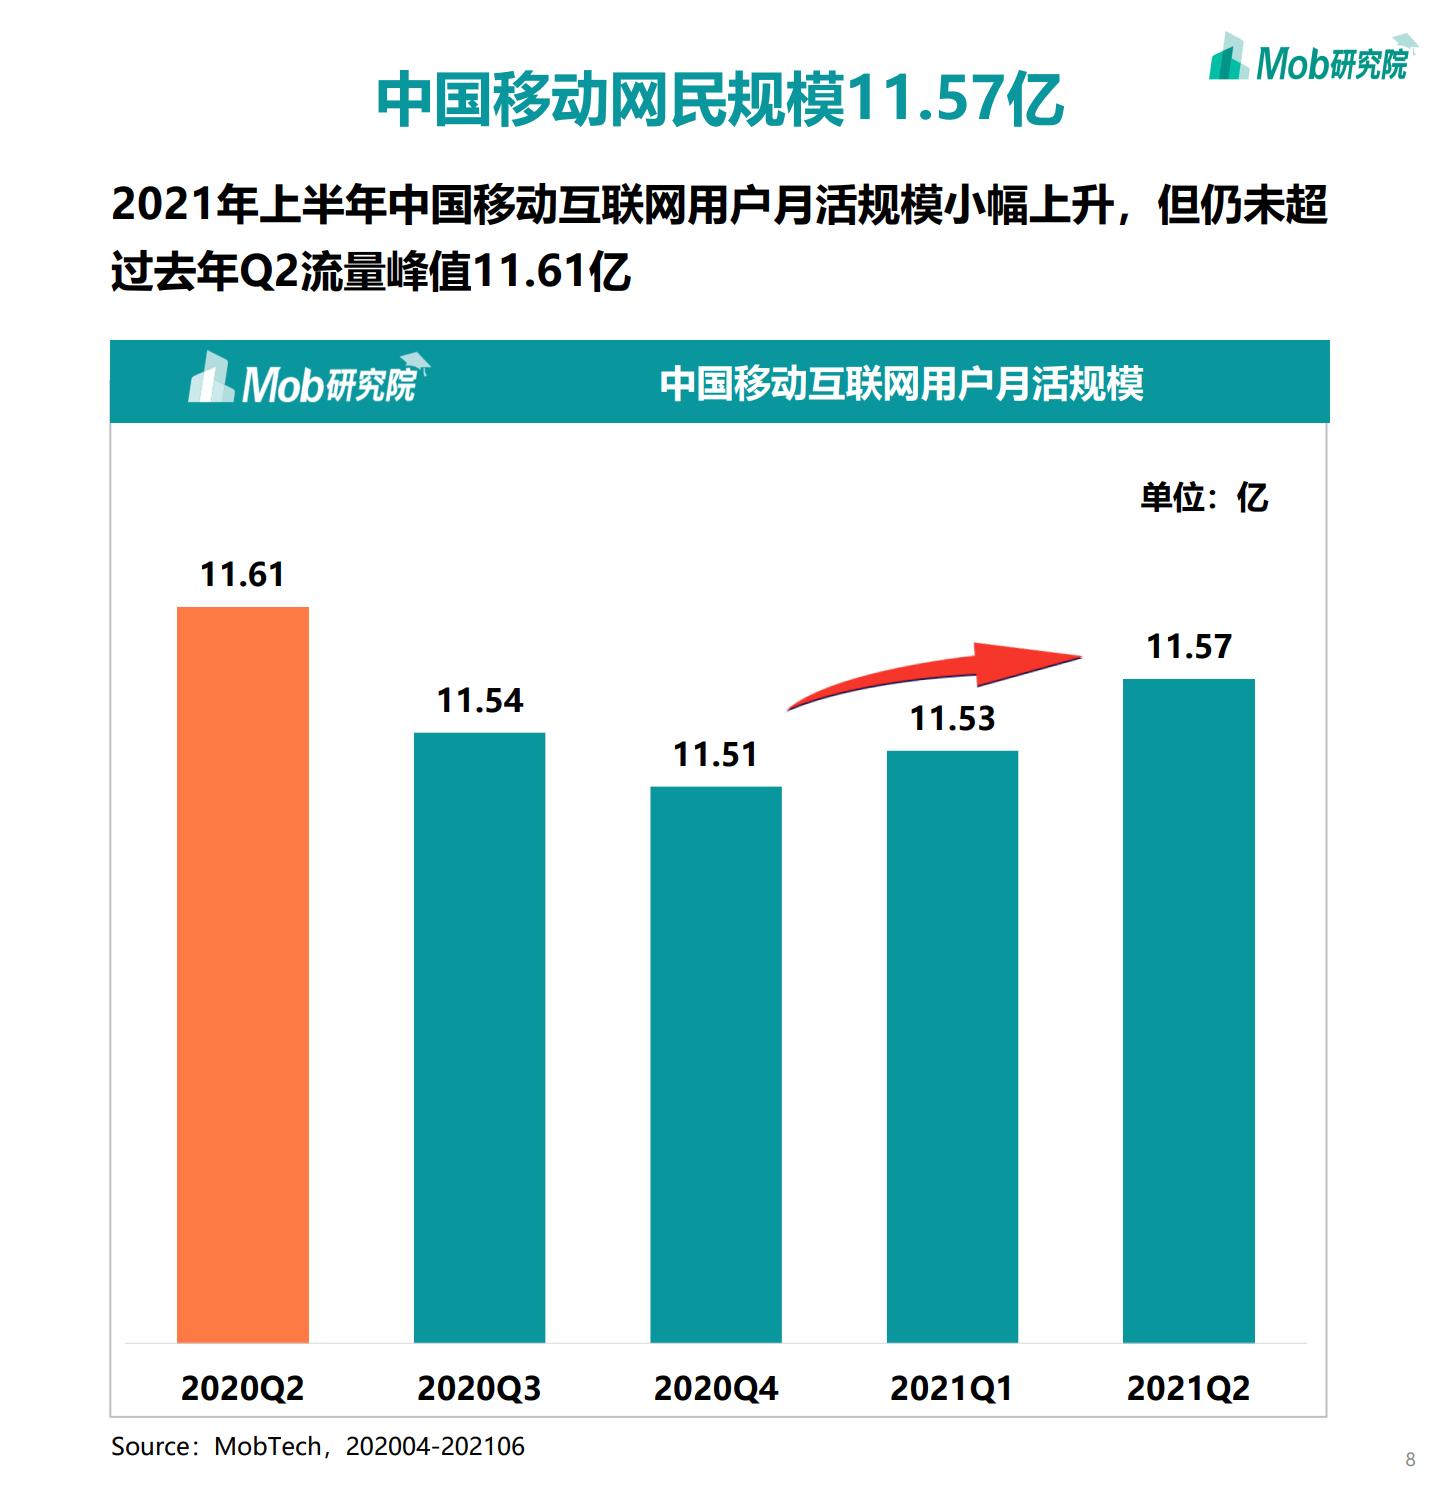 2021年中国移动互联网半年度大报告插图7